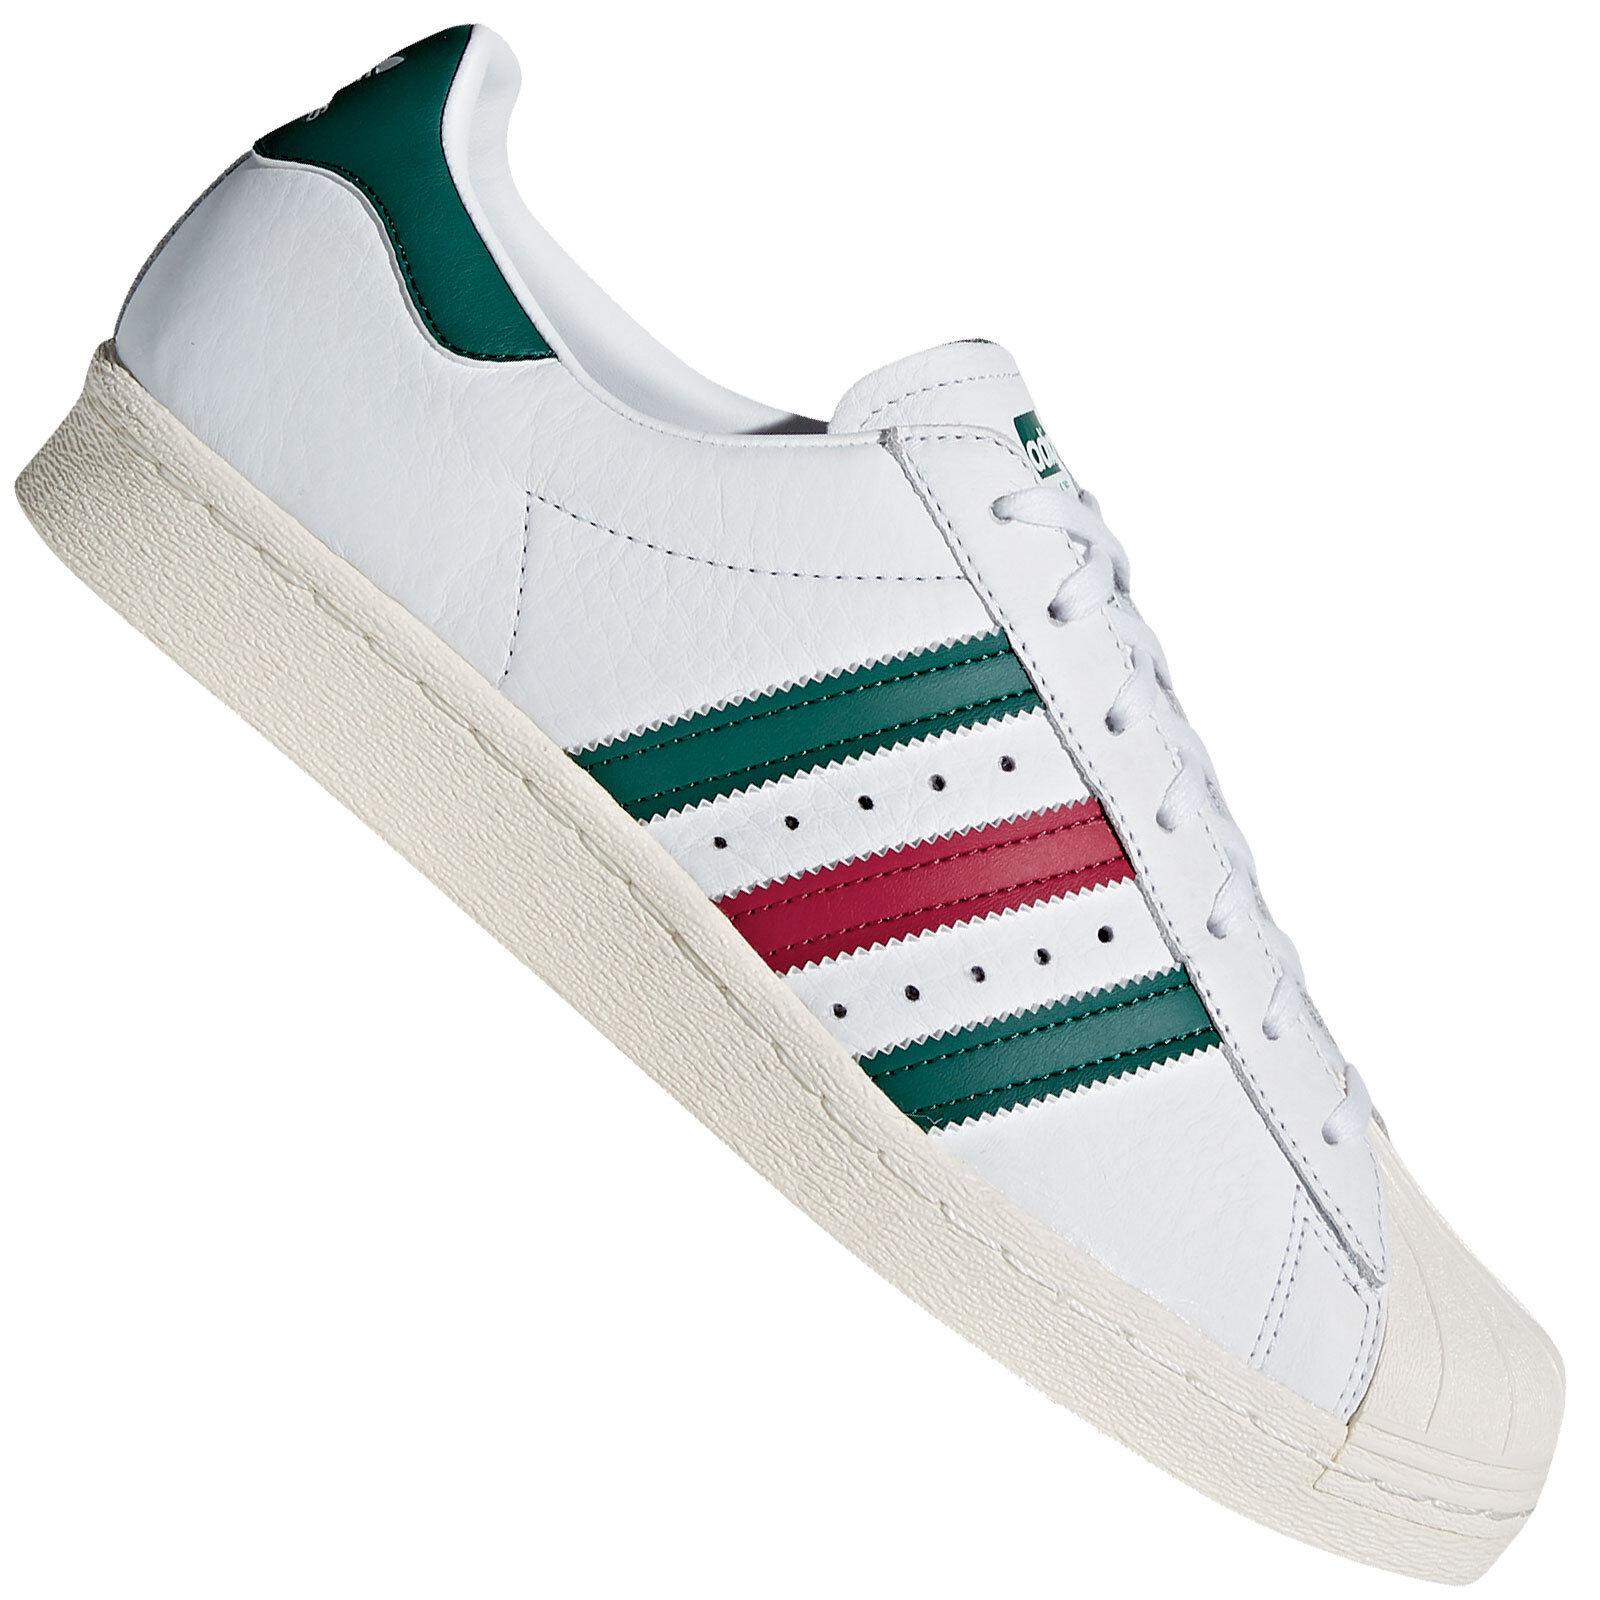 Adidas Originals Superstar Sneaker 80s Herren | Damen Sneaker Superstar Sport-Schuhe Turnschuhe d3f425